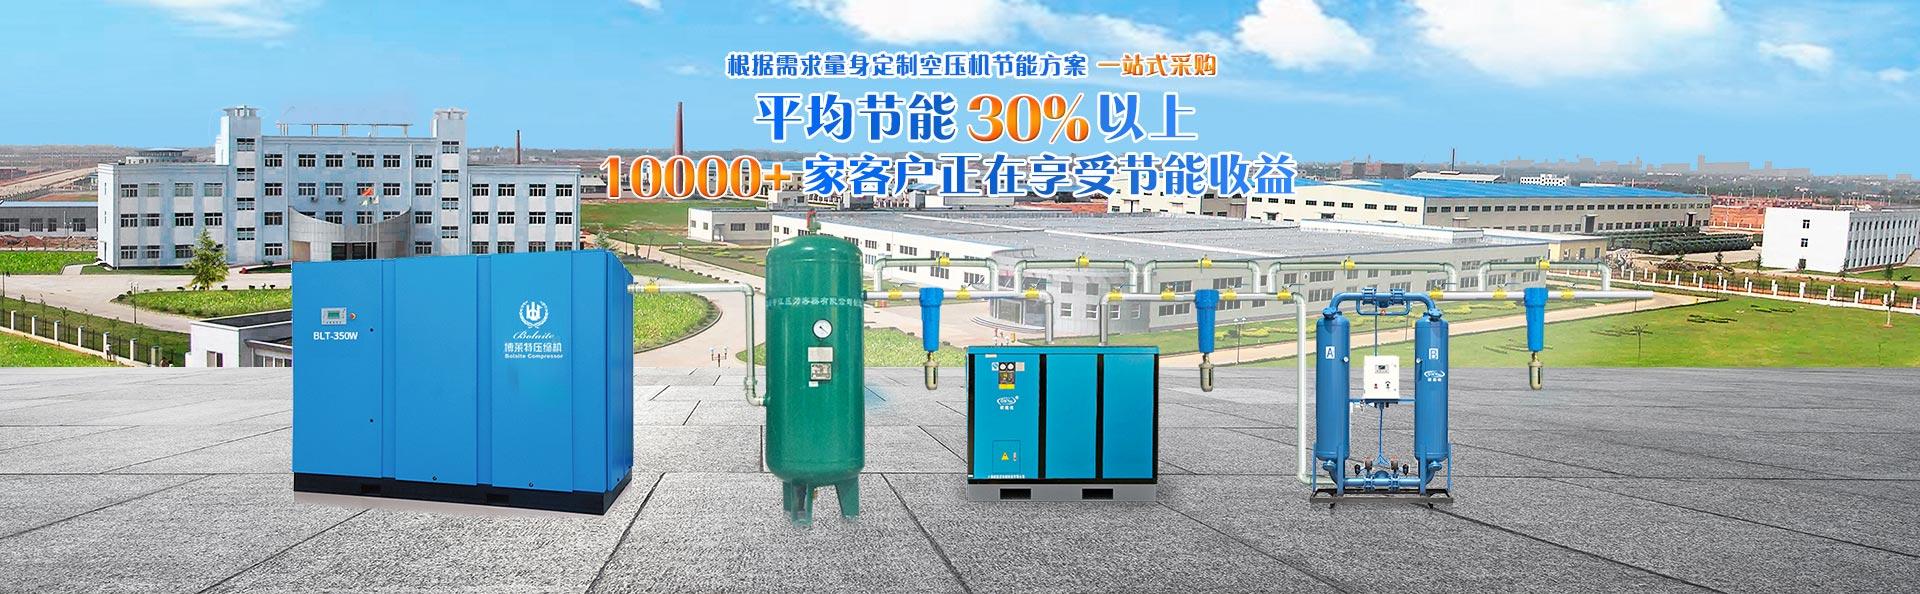 上海博莱特 欧能优节能系统